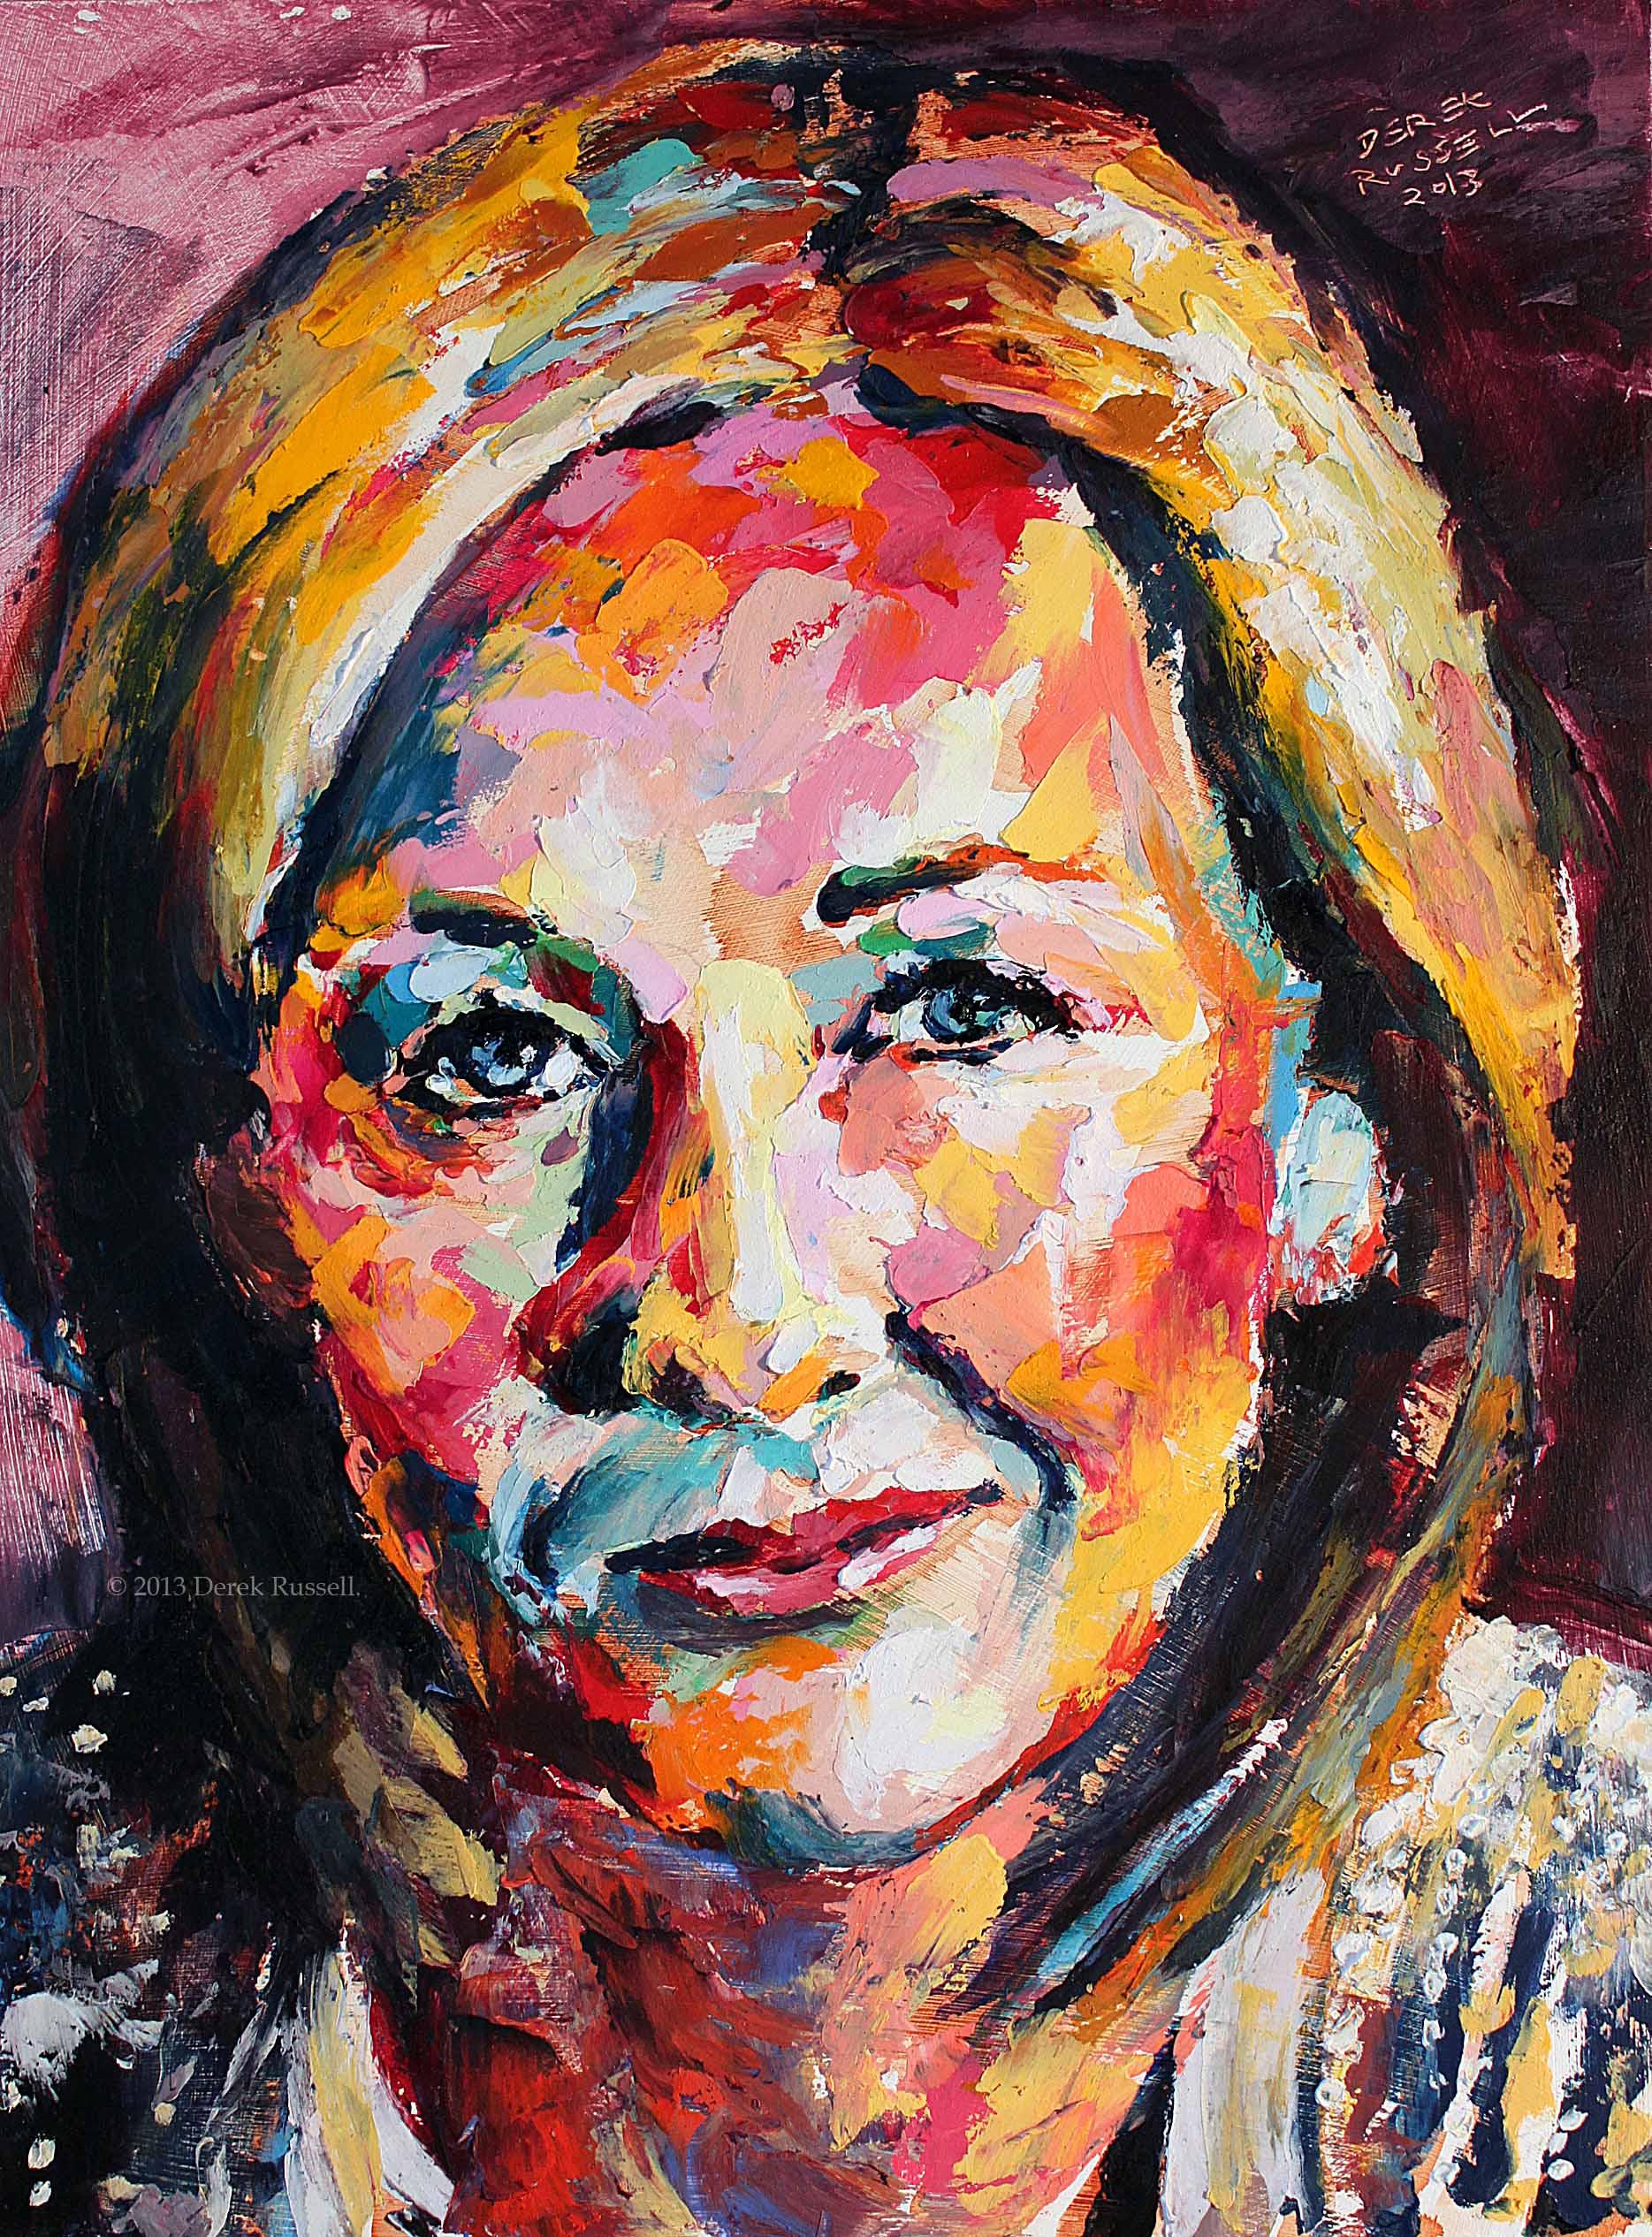 Rowling - Original Oil Painting Derek Russell